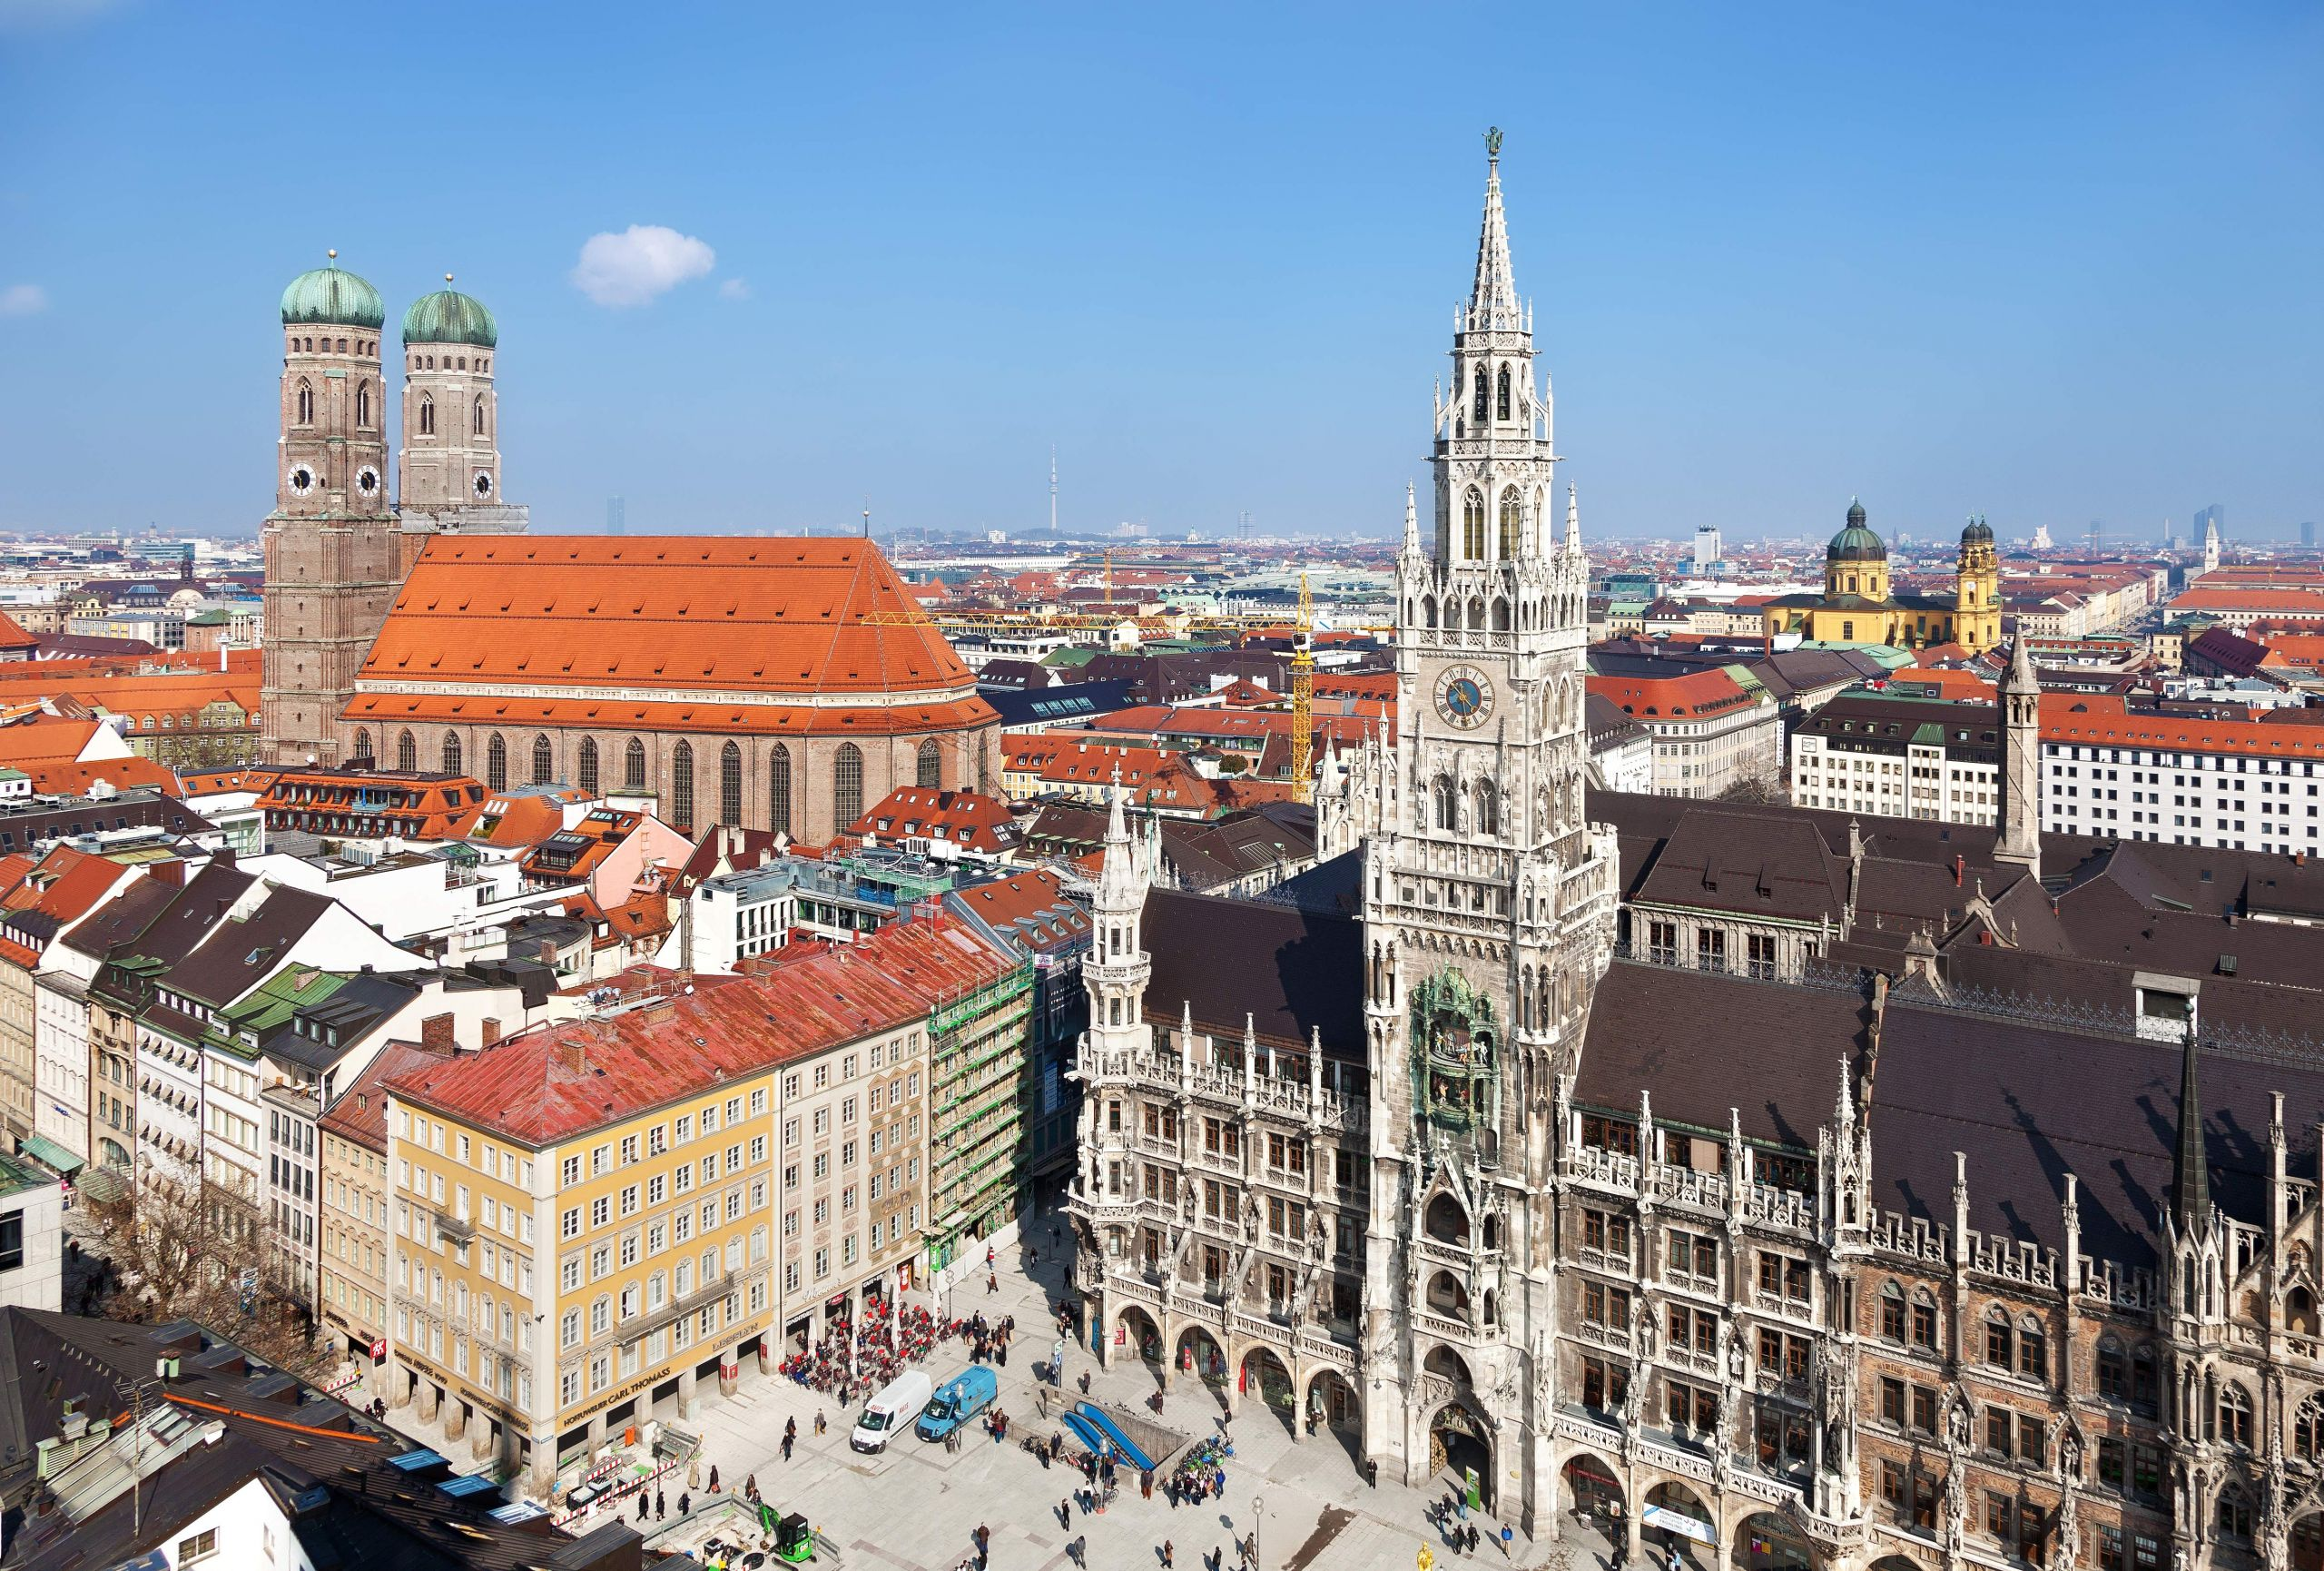 Stadtbild München